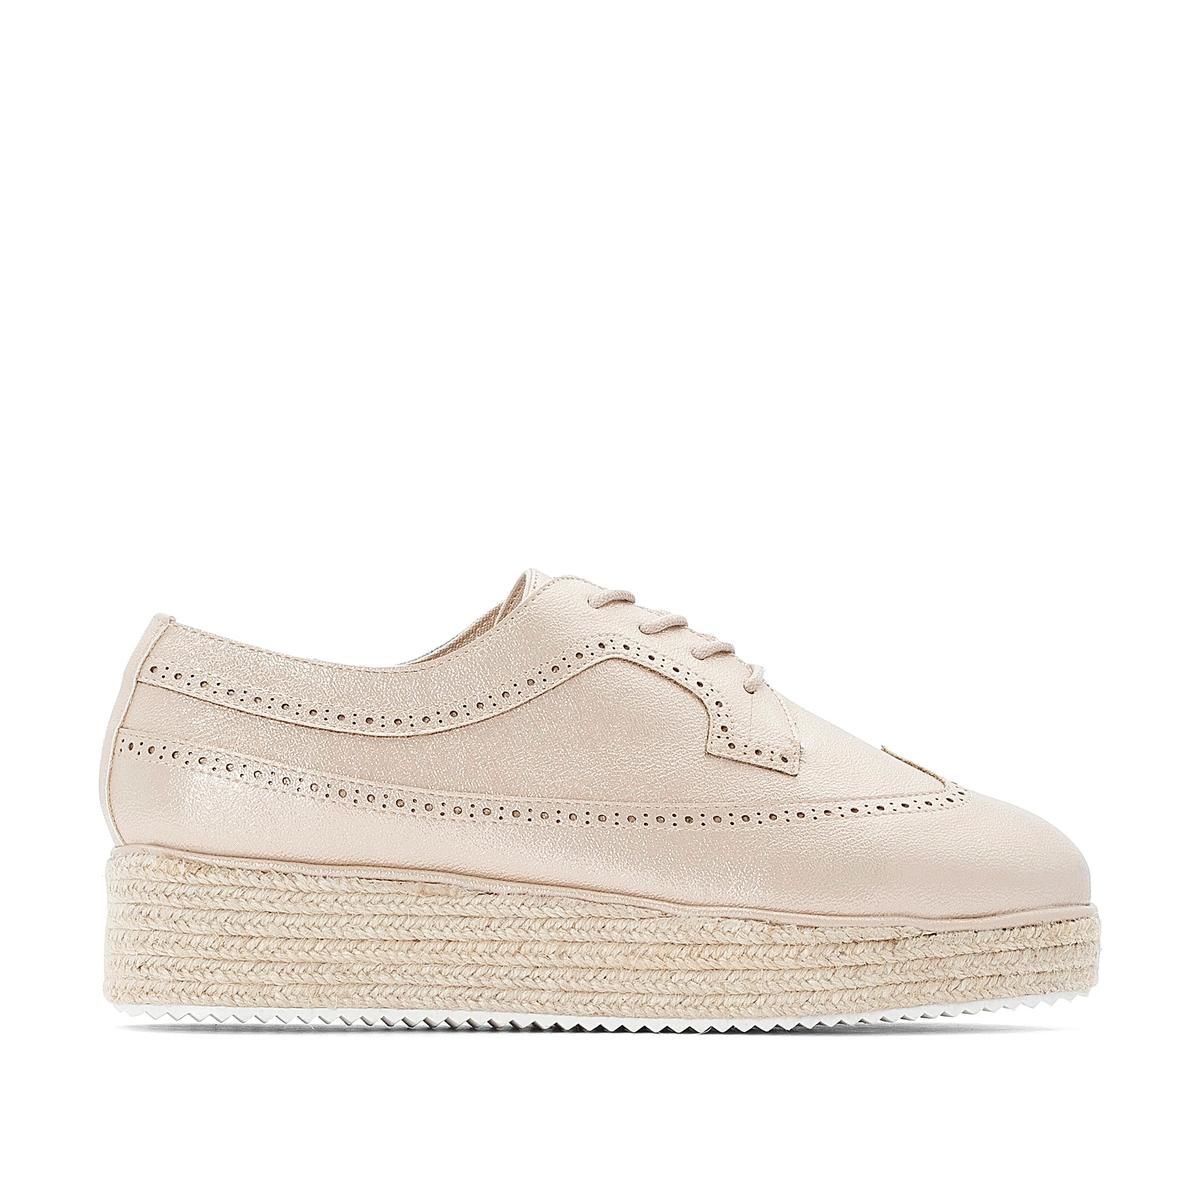 Ботинки-дерби La Redoute На шнуровке в стиле эспадрилий 41 розовый